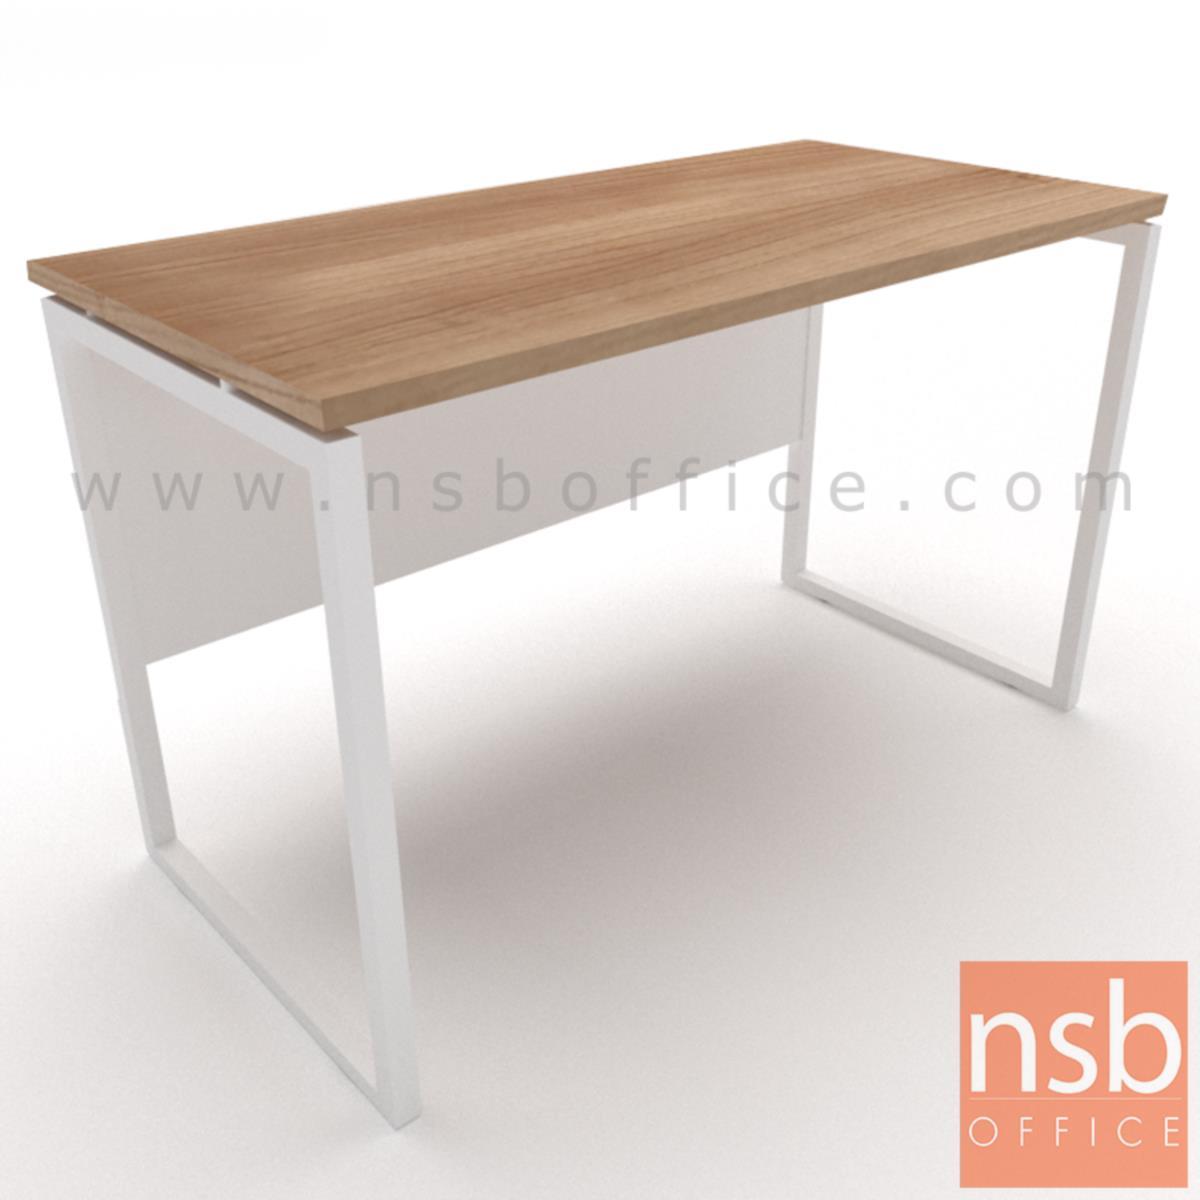 โต๊ะทำงานทรงสี่เหลี่ยม รุ่น Moschino (มอสคิโน่) ขนาด 80W ,120W ,135W, 150W ,160W cm. ขาเหล็กกล่องพ่นสี